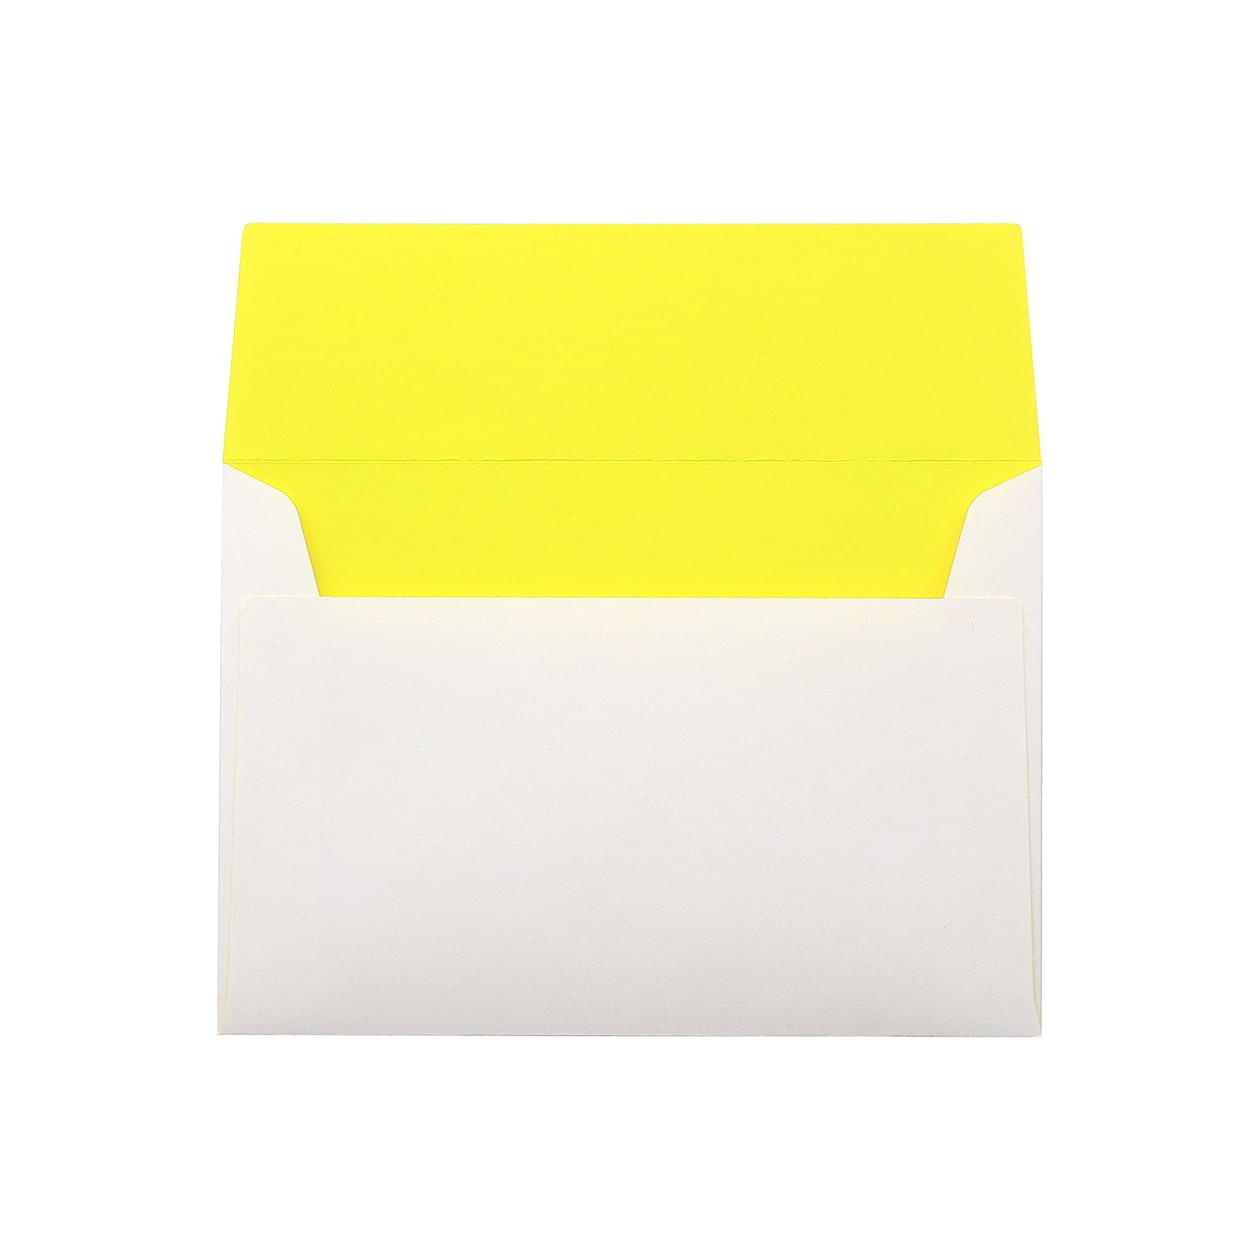 洋2カマス封筒 フラッシュカラー ホワイト×イエロー 100g